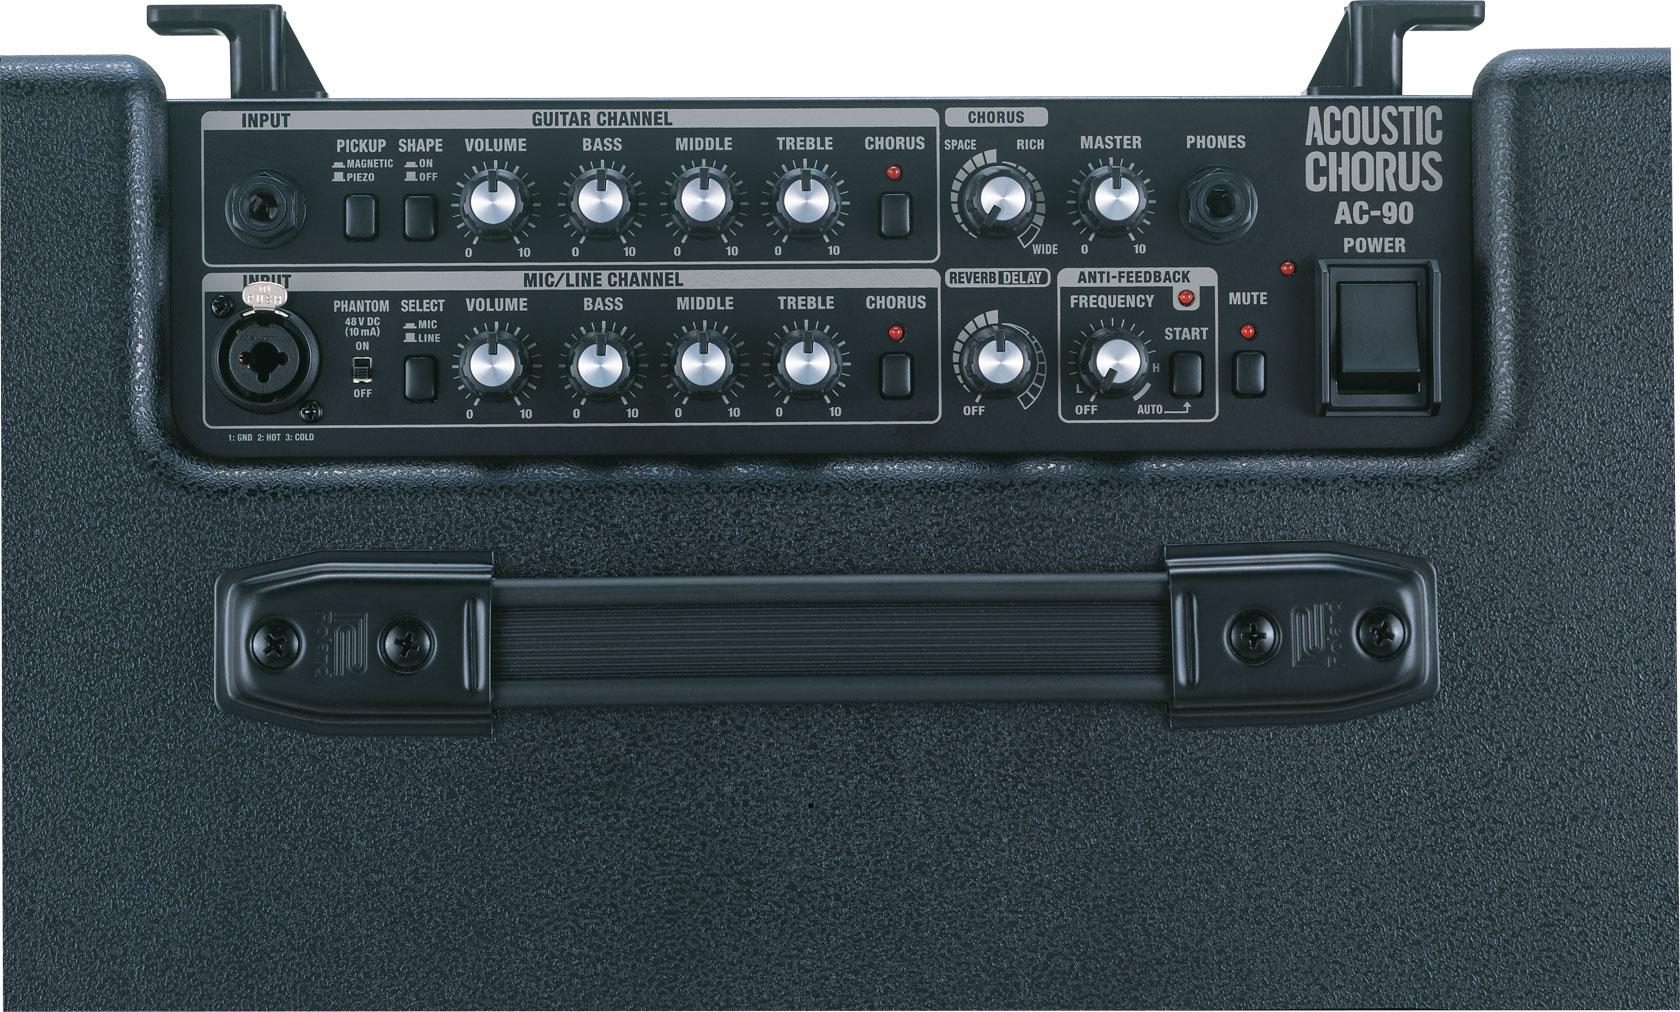 Roland Ac 90 Acoustic Chorus Guitar Amplifier